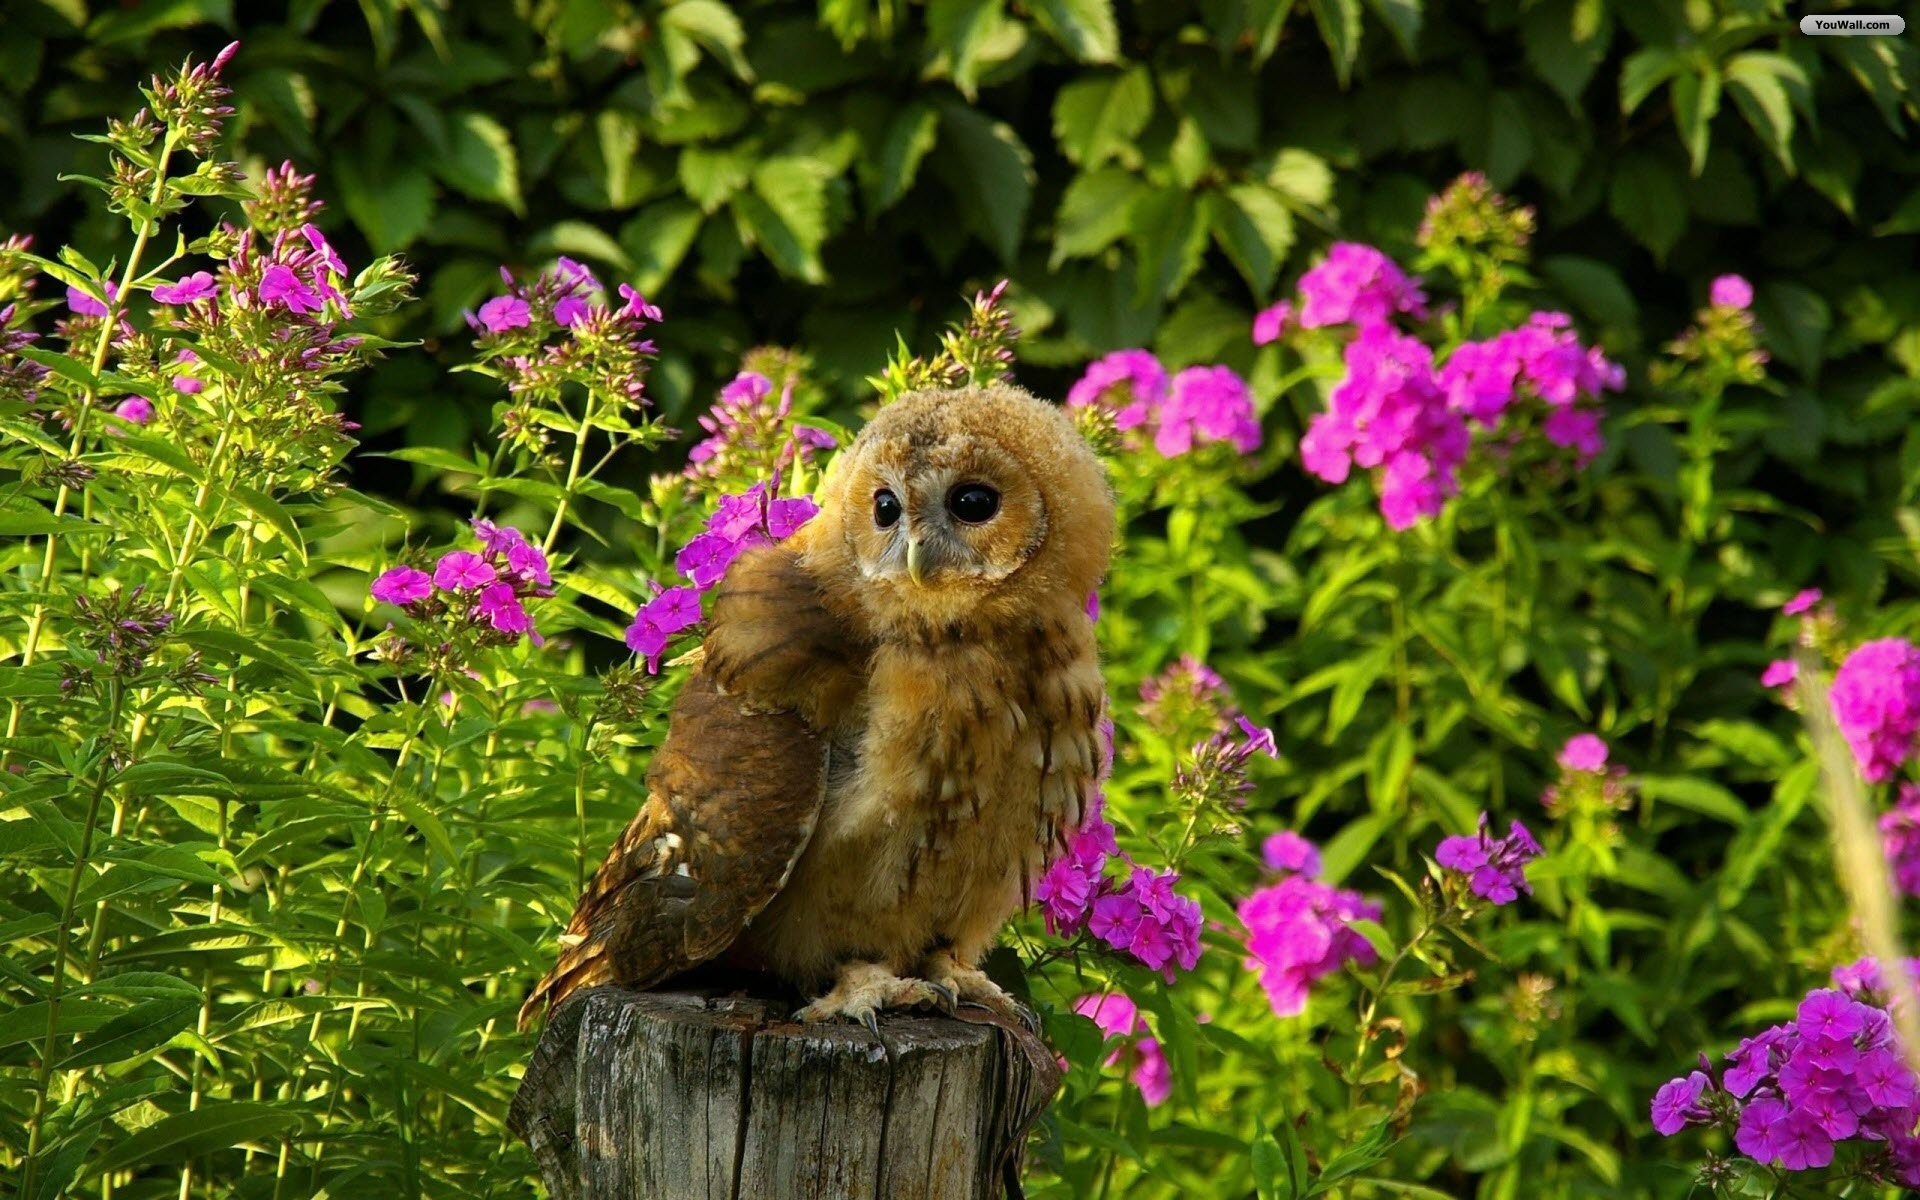 Cute Brown Owl Wallpaper